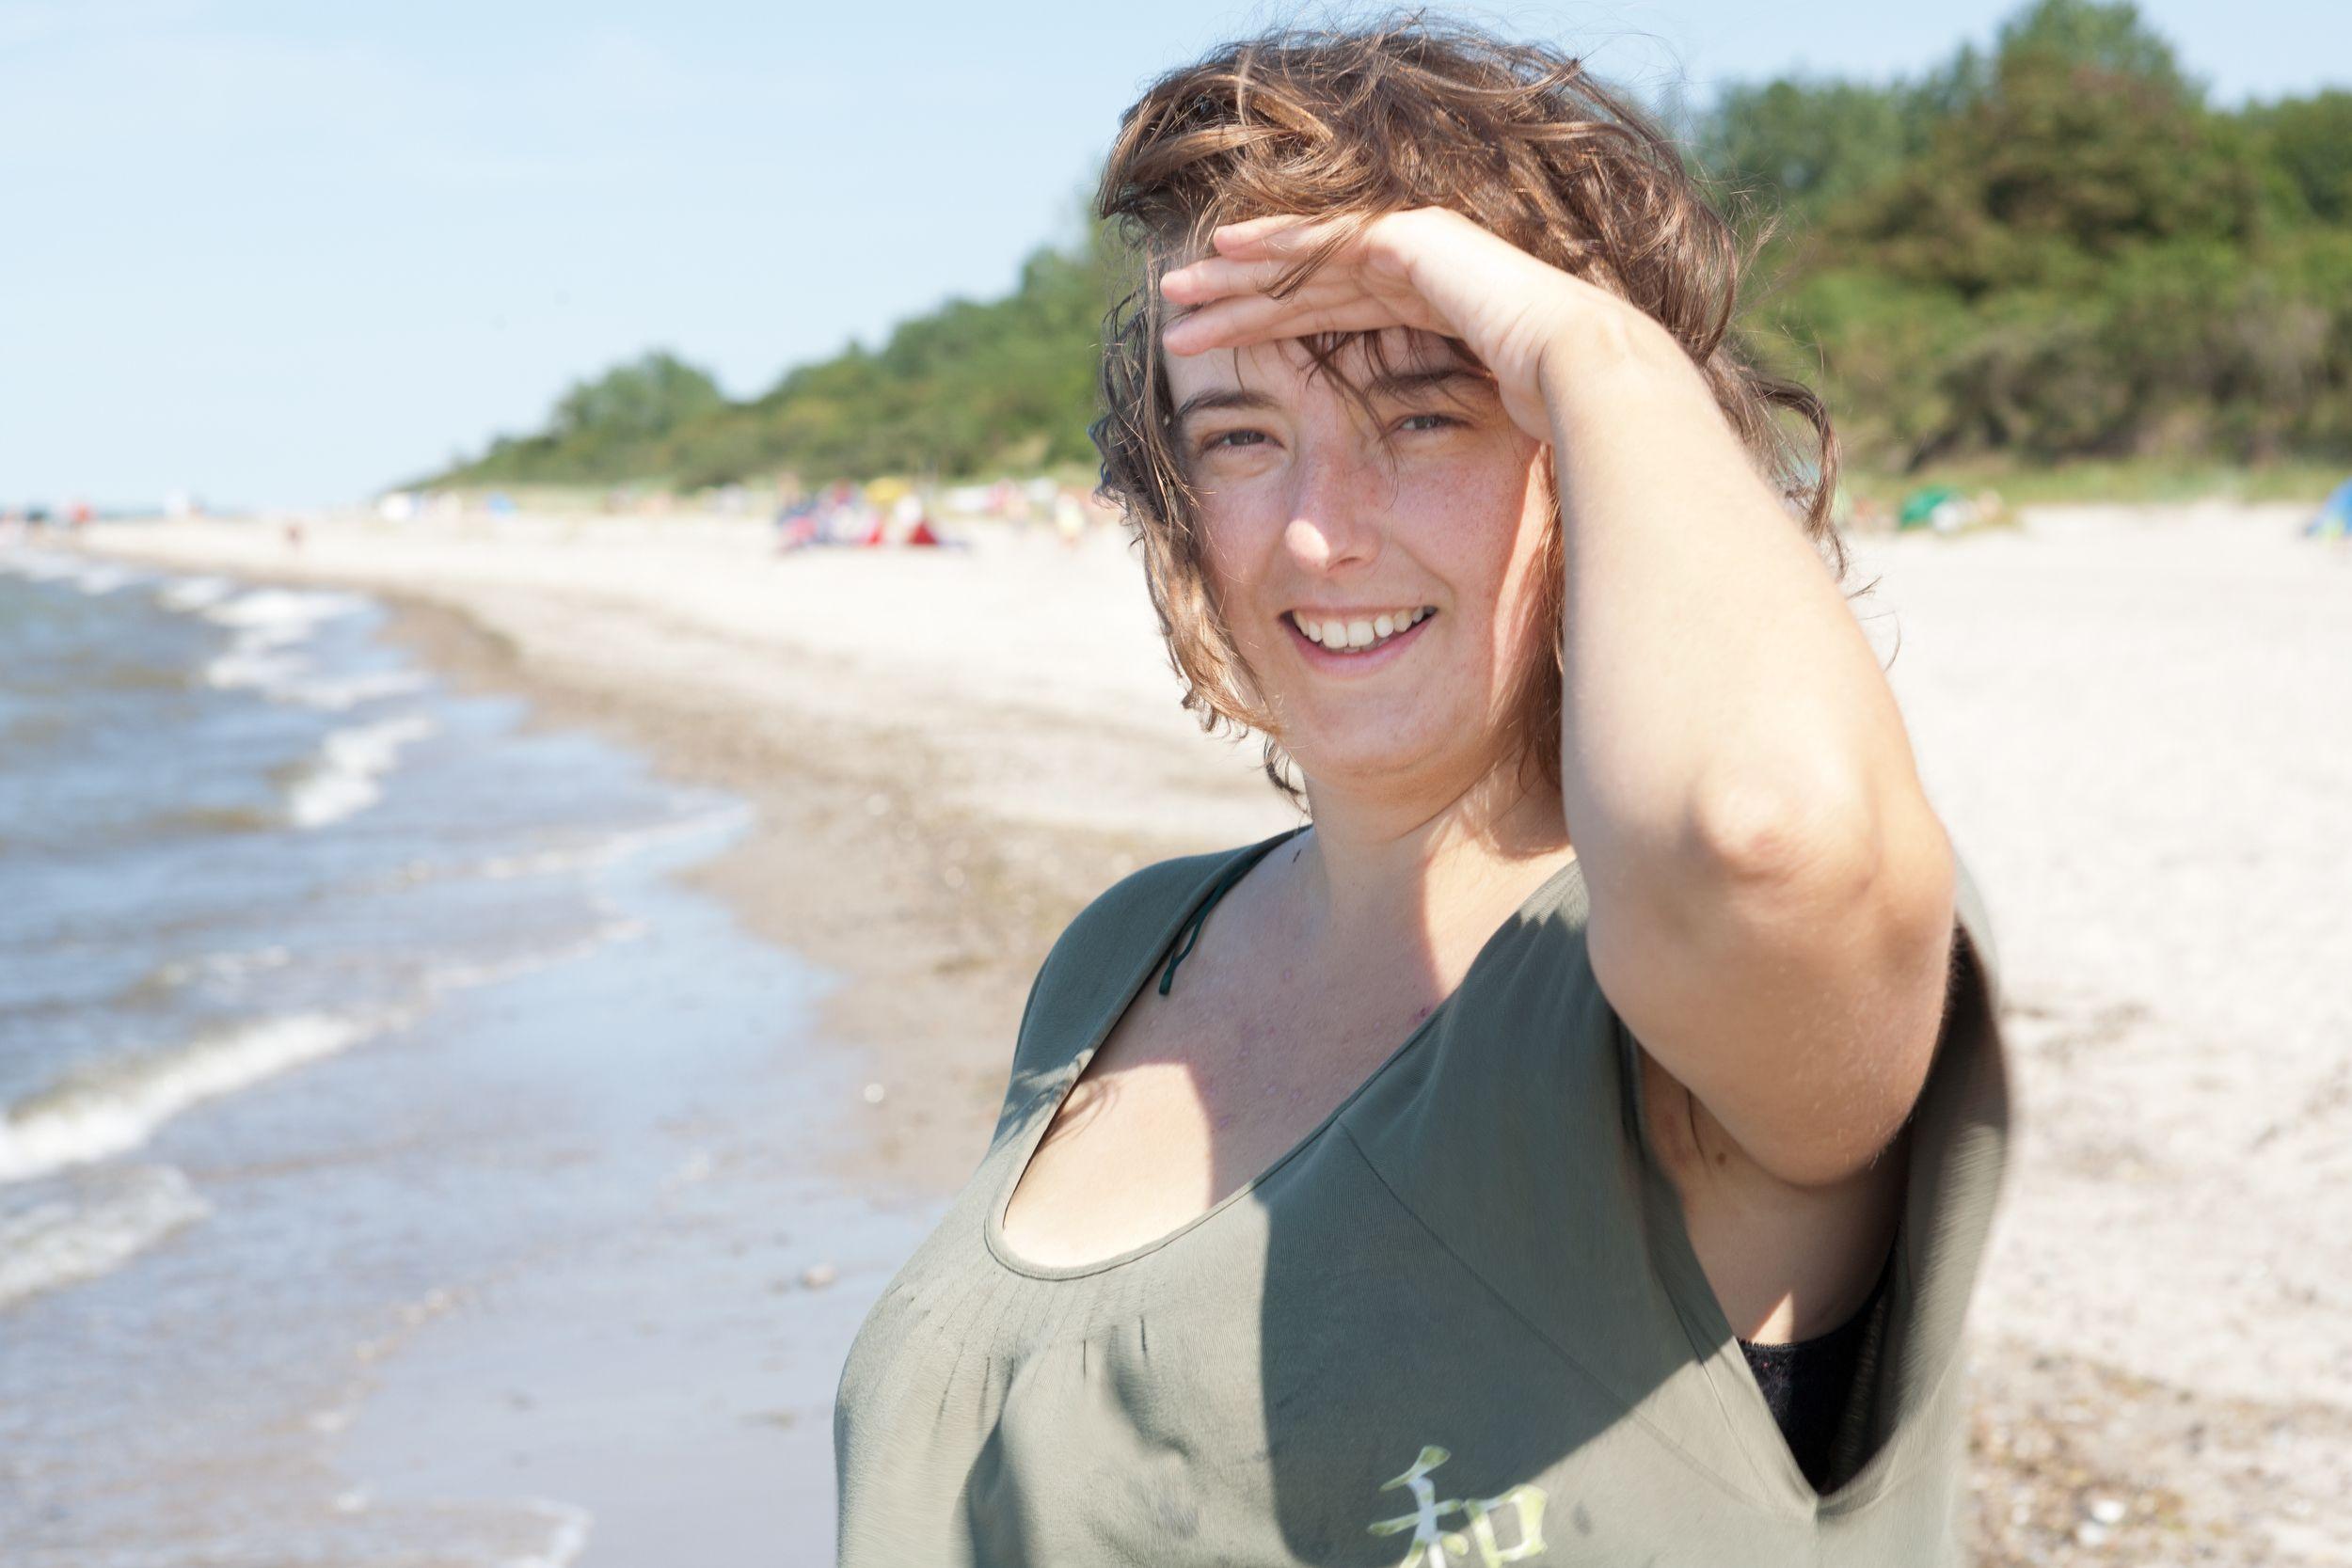 Steffi hilft im Umgang mit ihrer Depression, sich von Druck frei zu machen